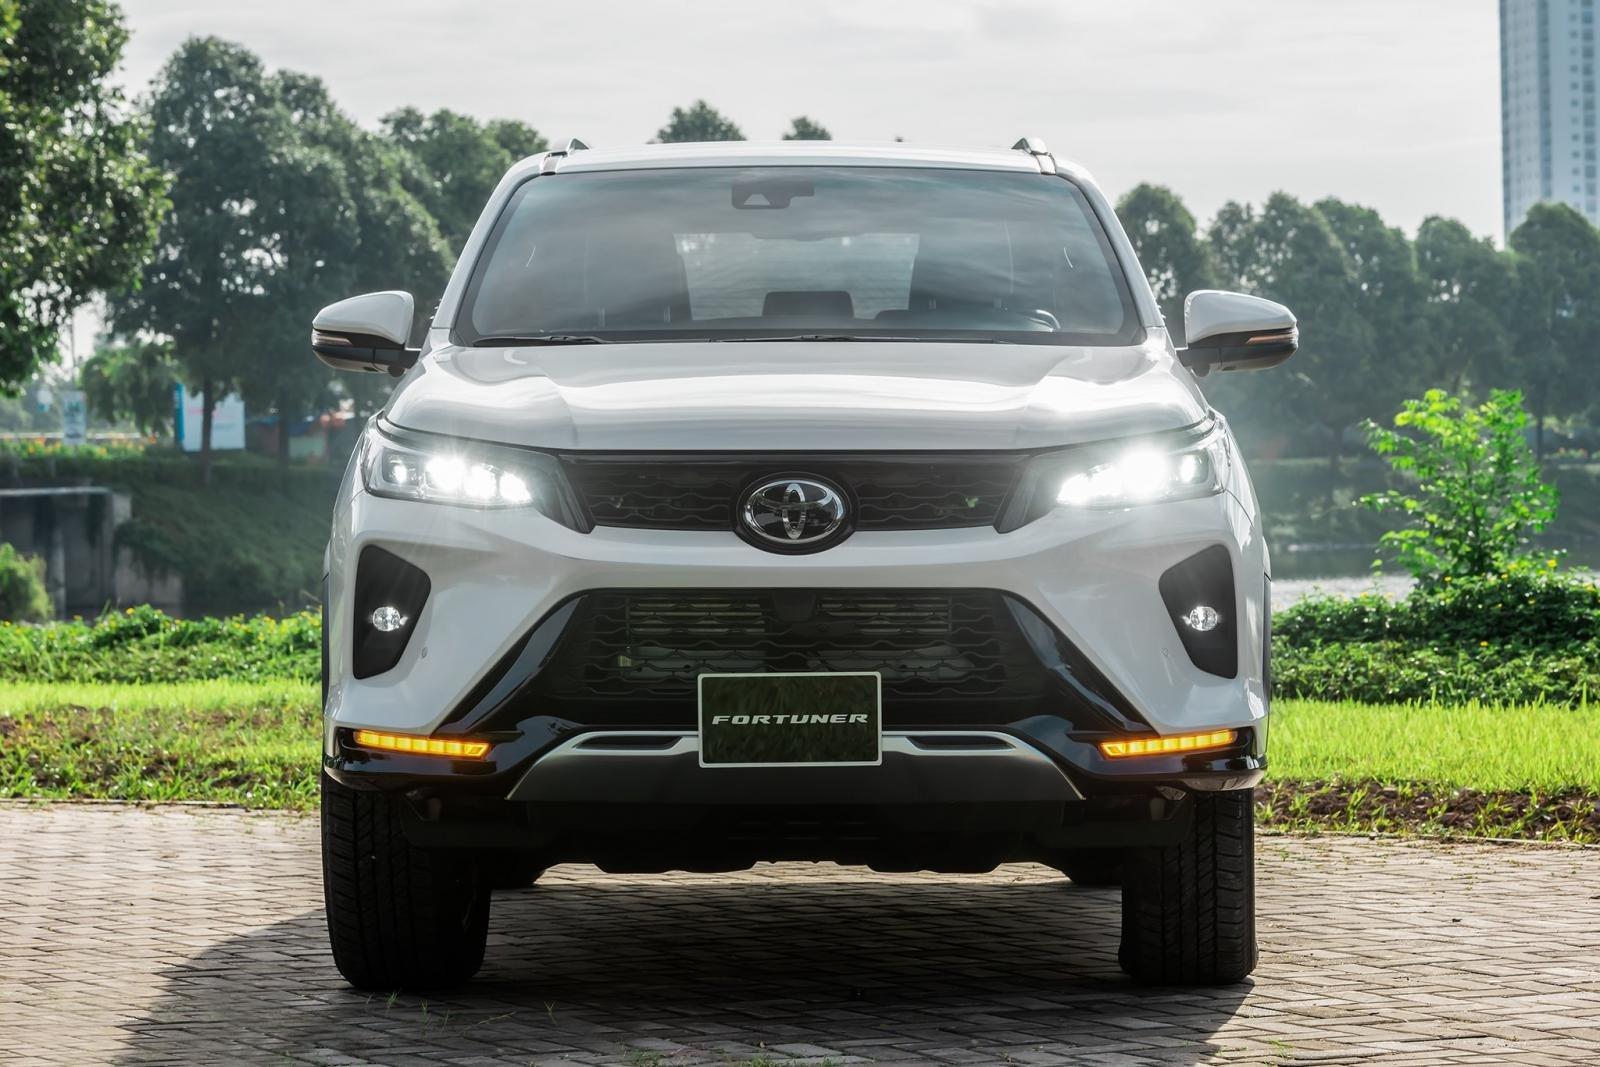 Thông số kỹ thuật xe Toyota Fortuner 2021 về ngoại thất.